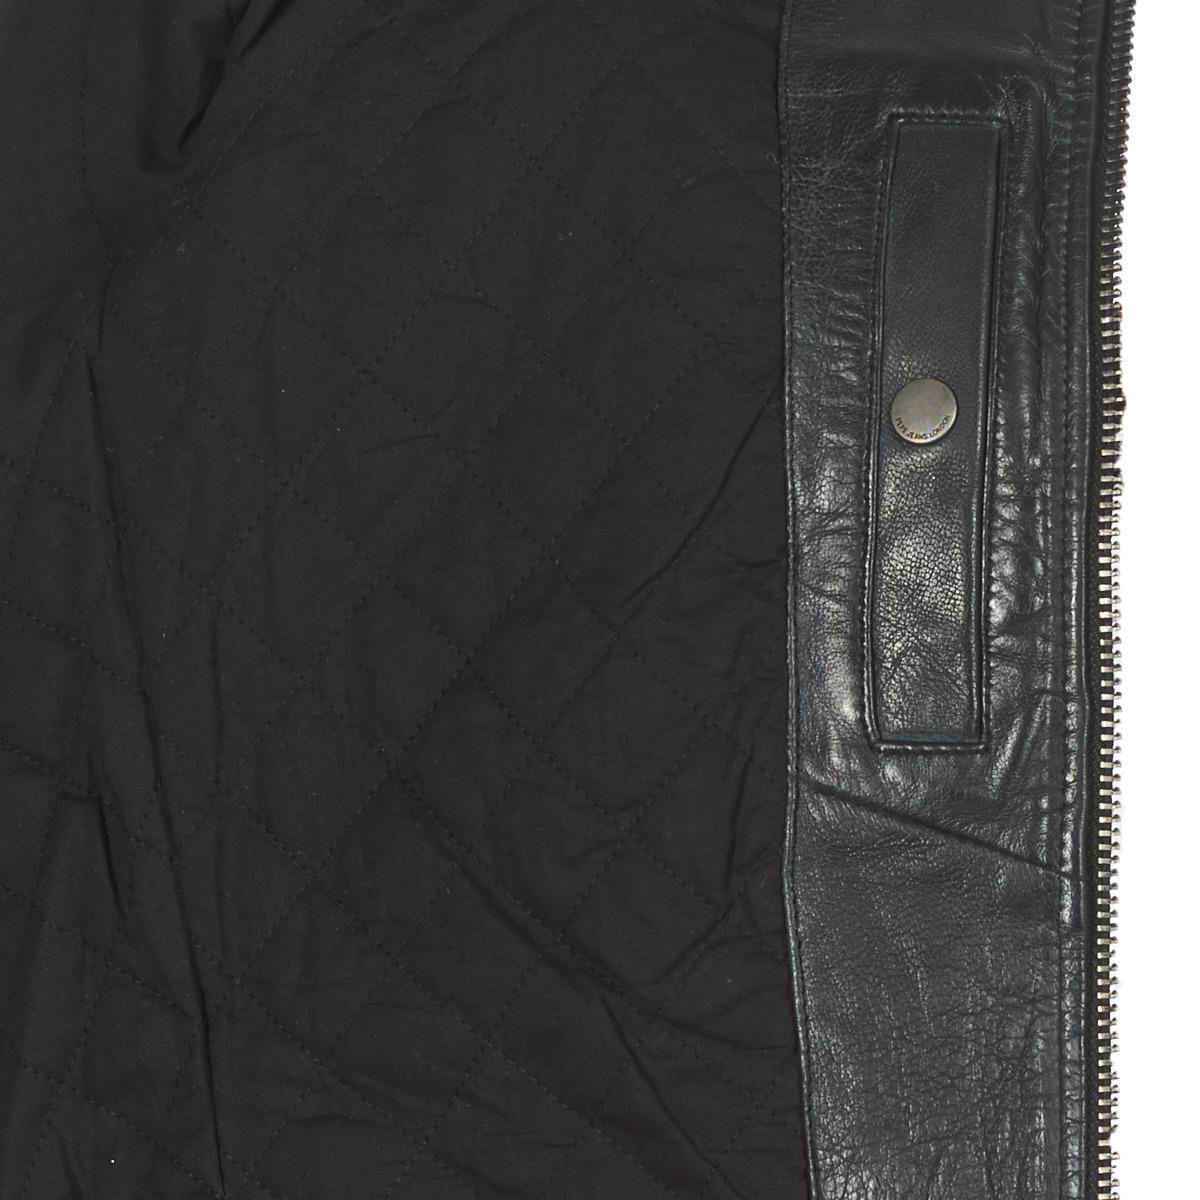 Homme En Noir Jeans Hommes Pepe Veste Lyst Pour Culpeper tgq8aWP